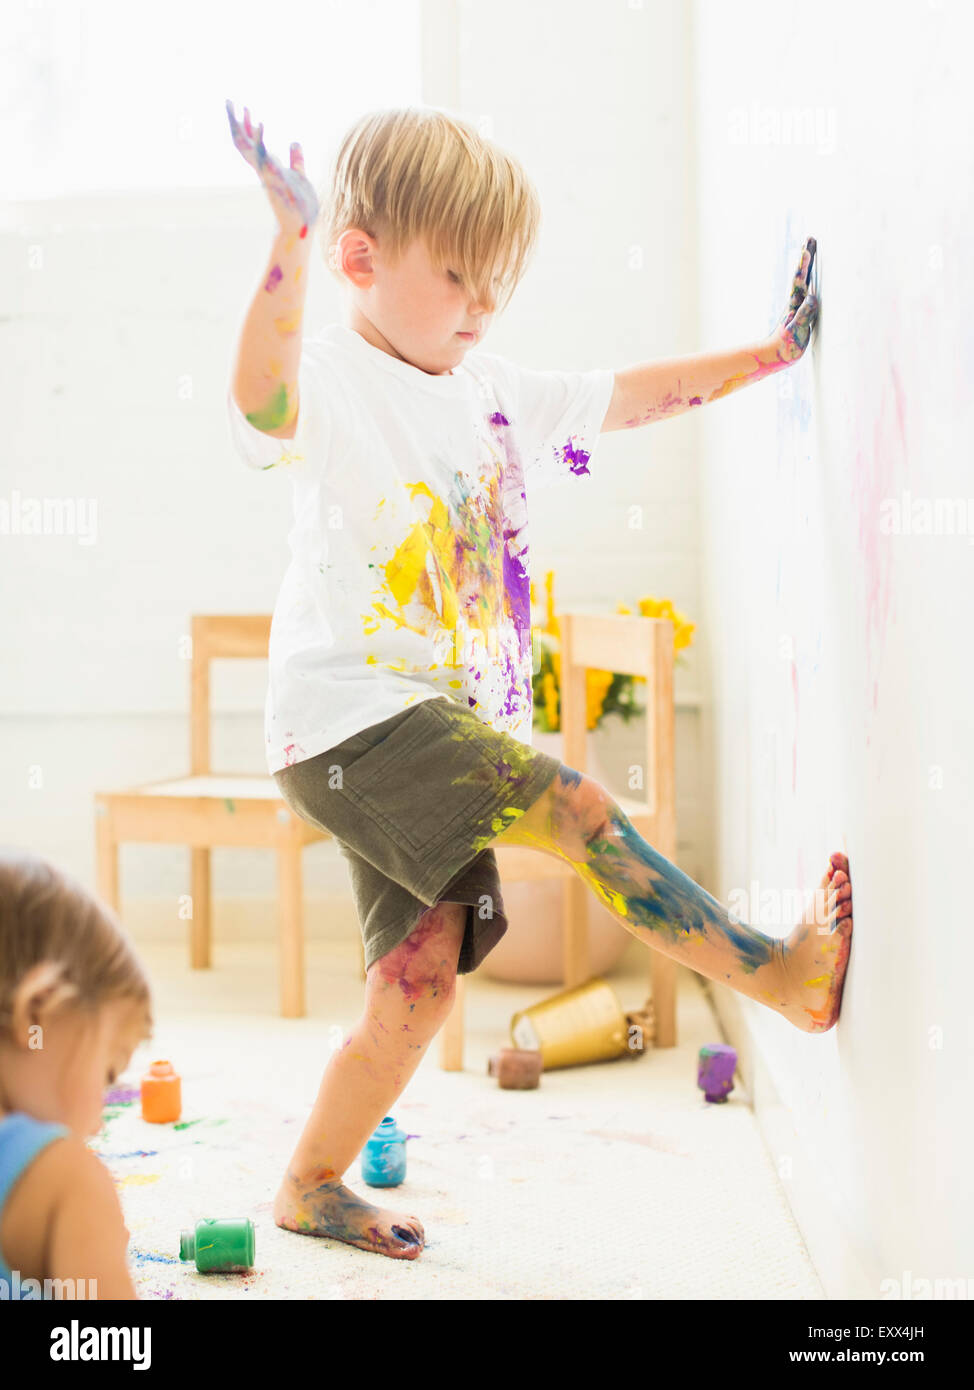 Boy (2-3) la pintura en la pared con las manos y piernas Imagen De Stock